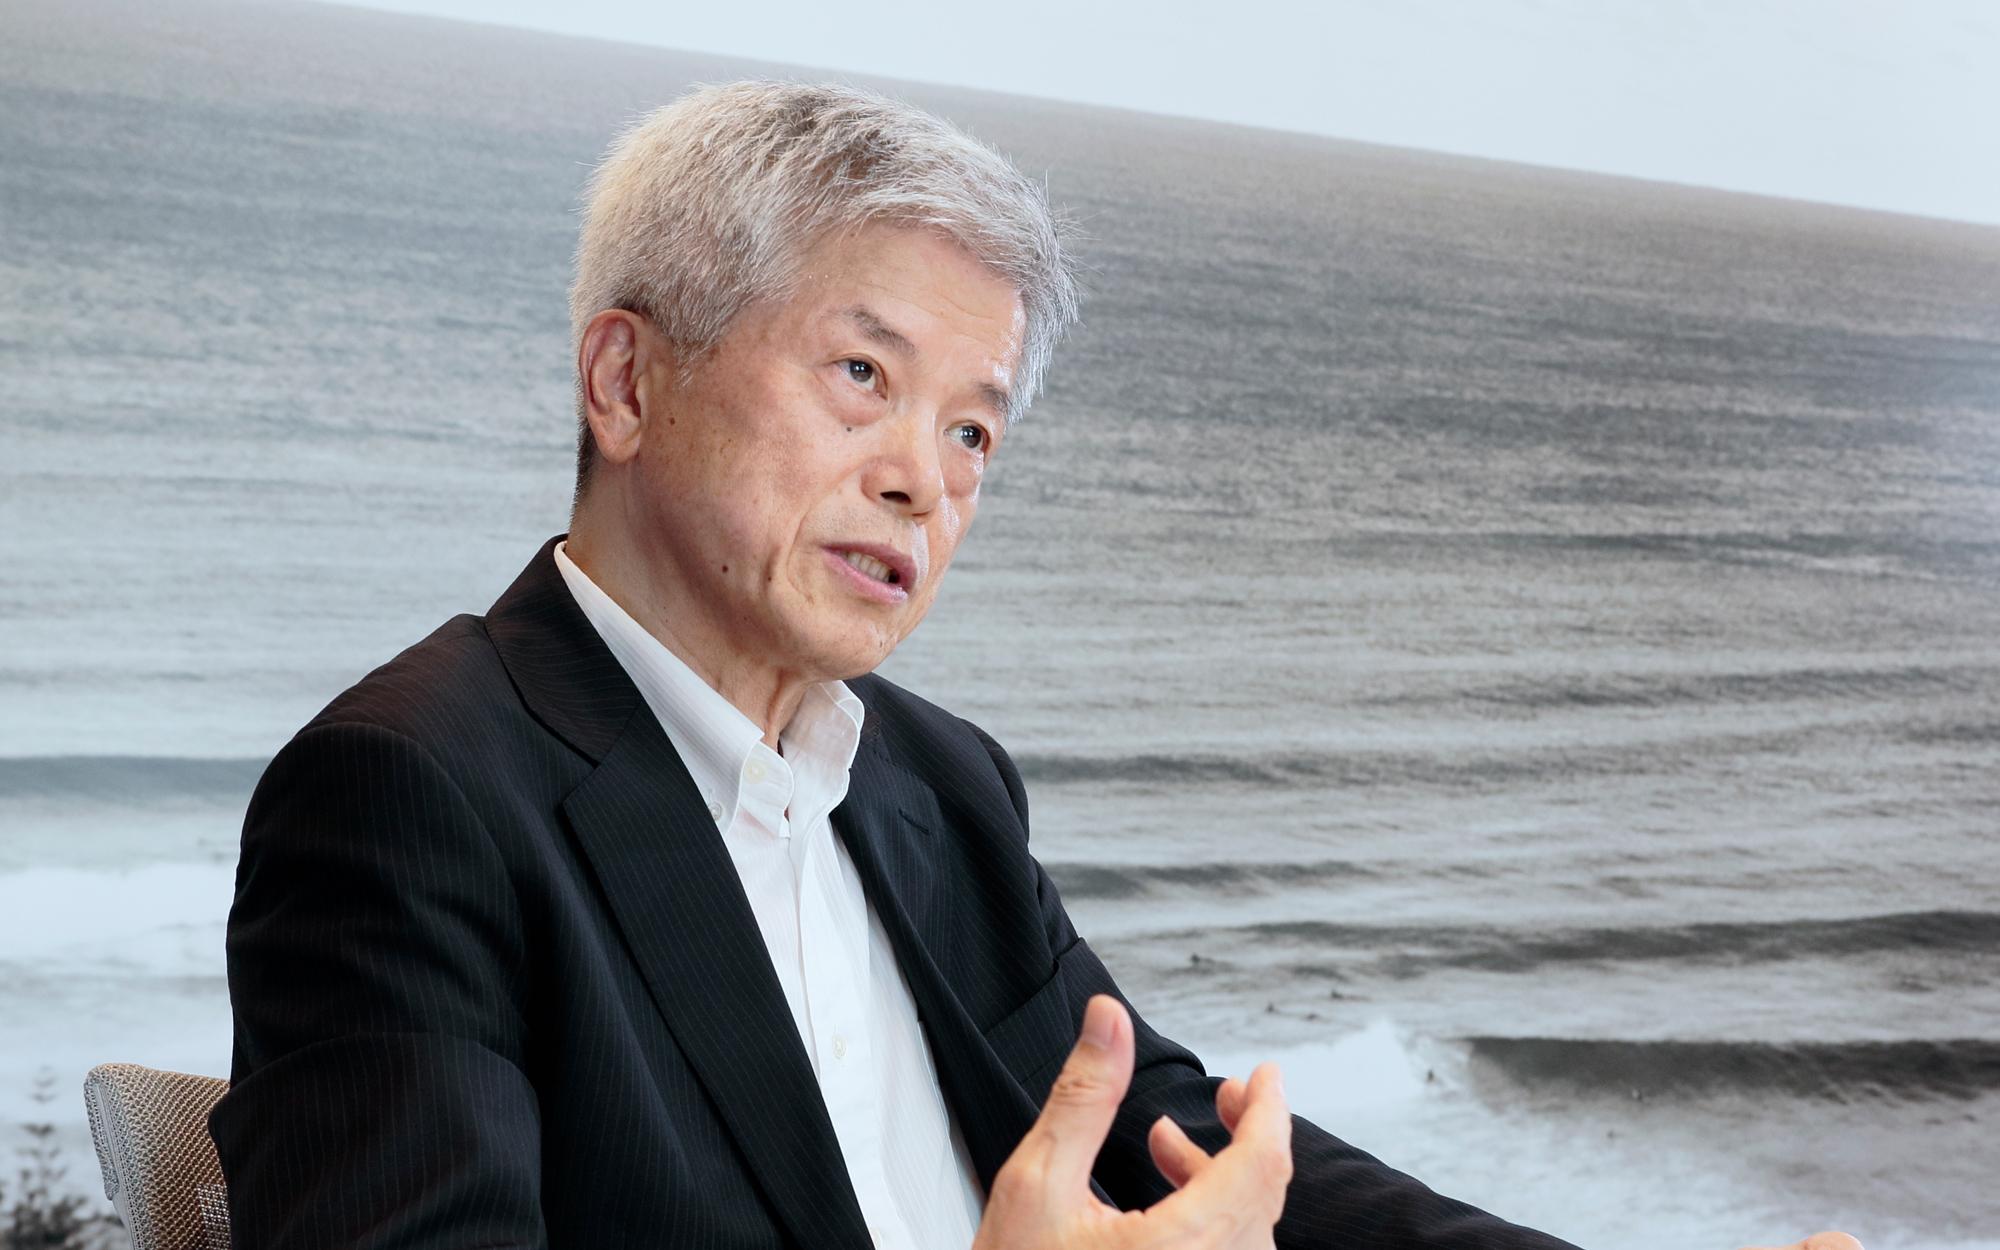 株式会社ODKソリューションズ 西井生和 ikukazu-nishii